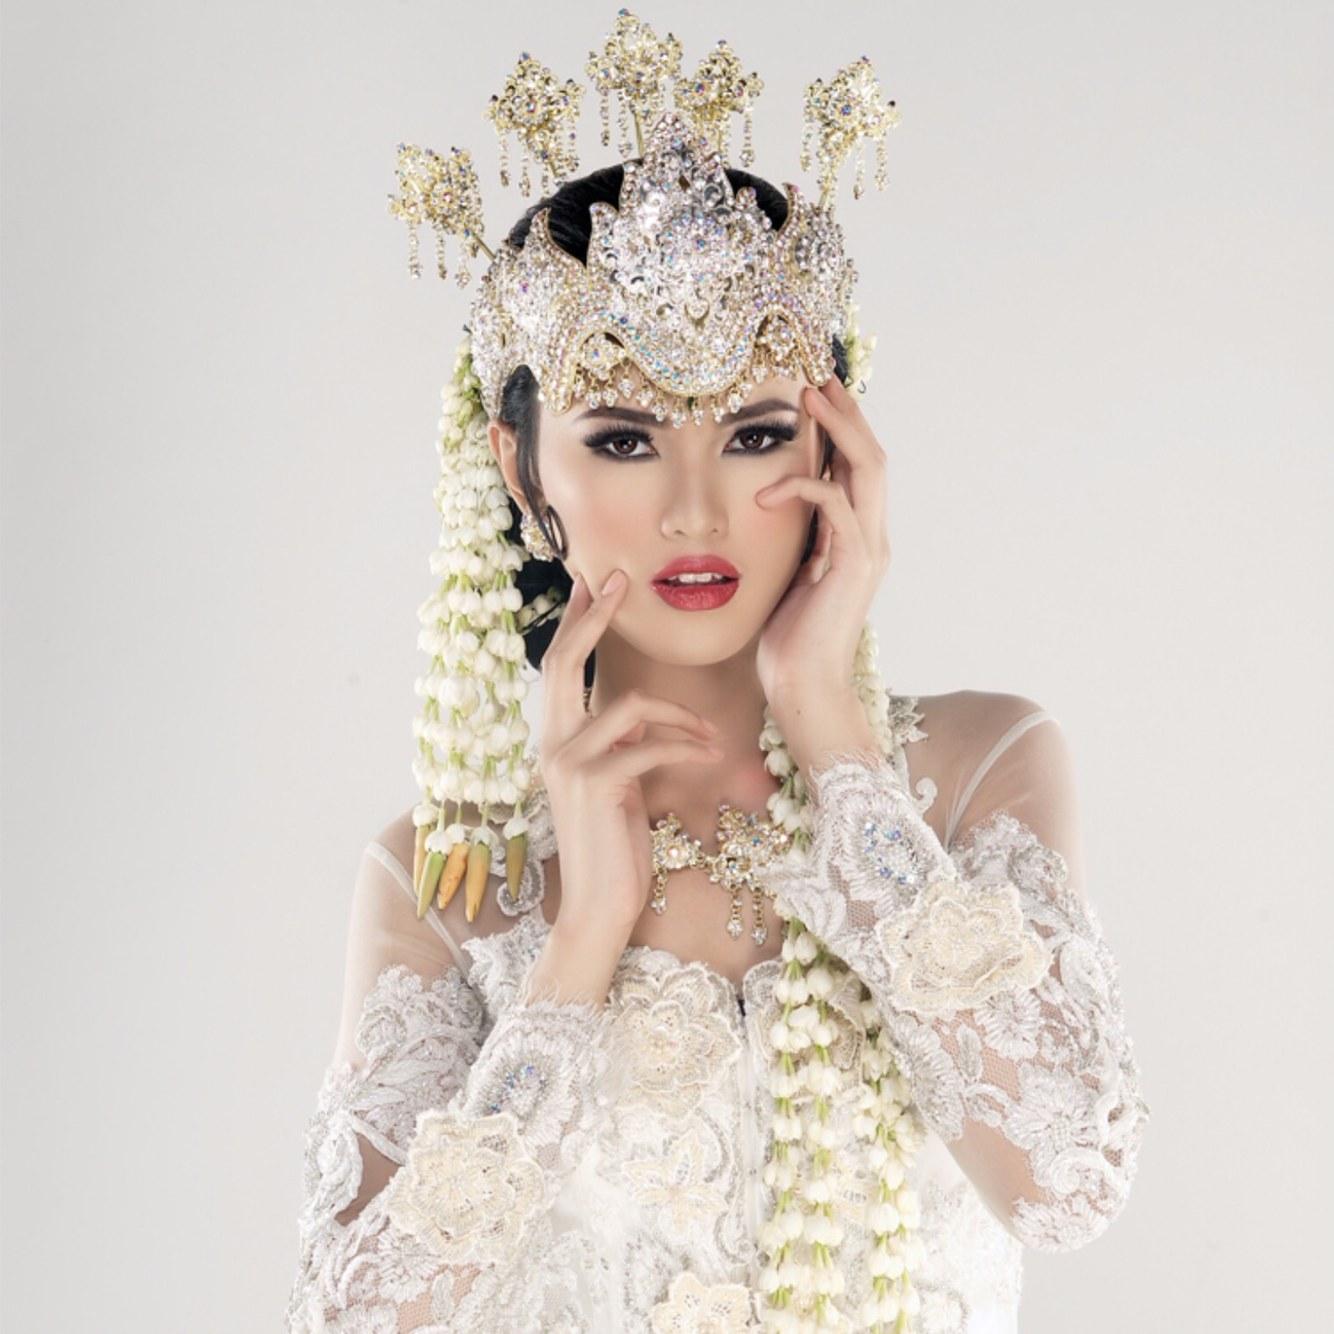 Inspirasi Baju Pengantin Muslim Adat Sunda E9dx Cantik Ini Dia Pakaian Pengantin Adat Sunda Yang Elegan